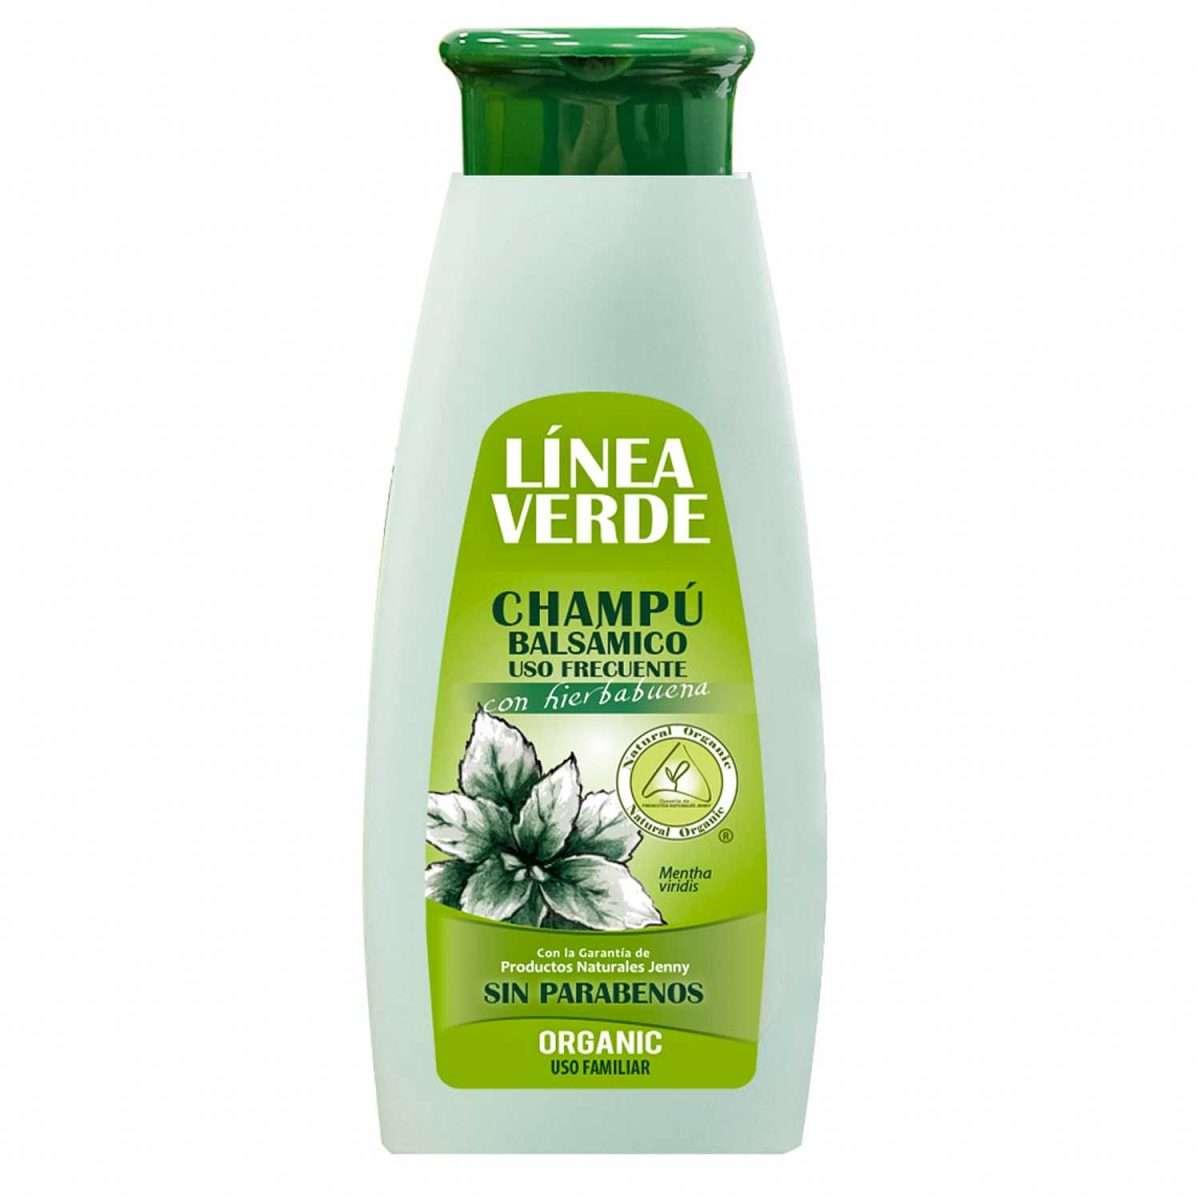 Champú Balsamico Hierbabuena Linea Verde